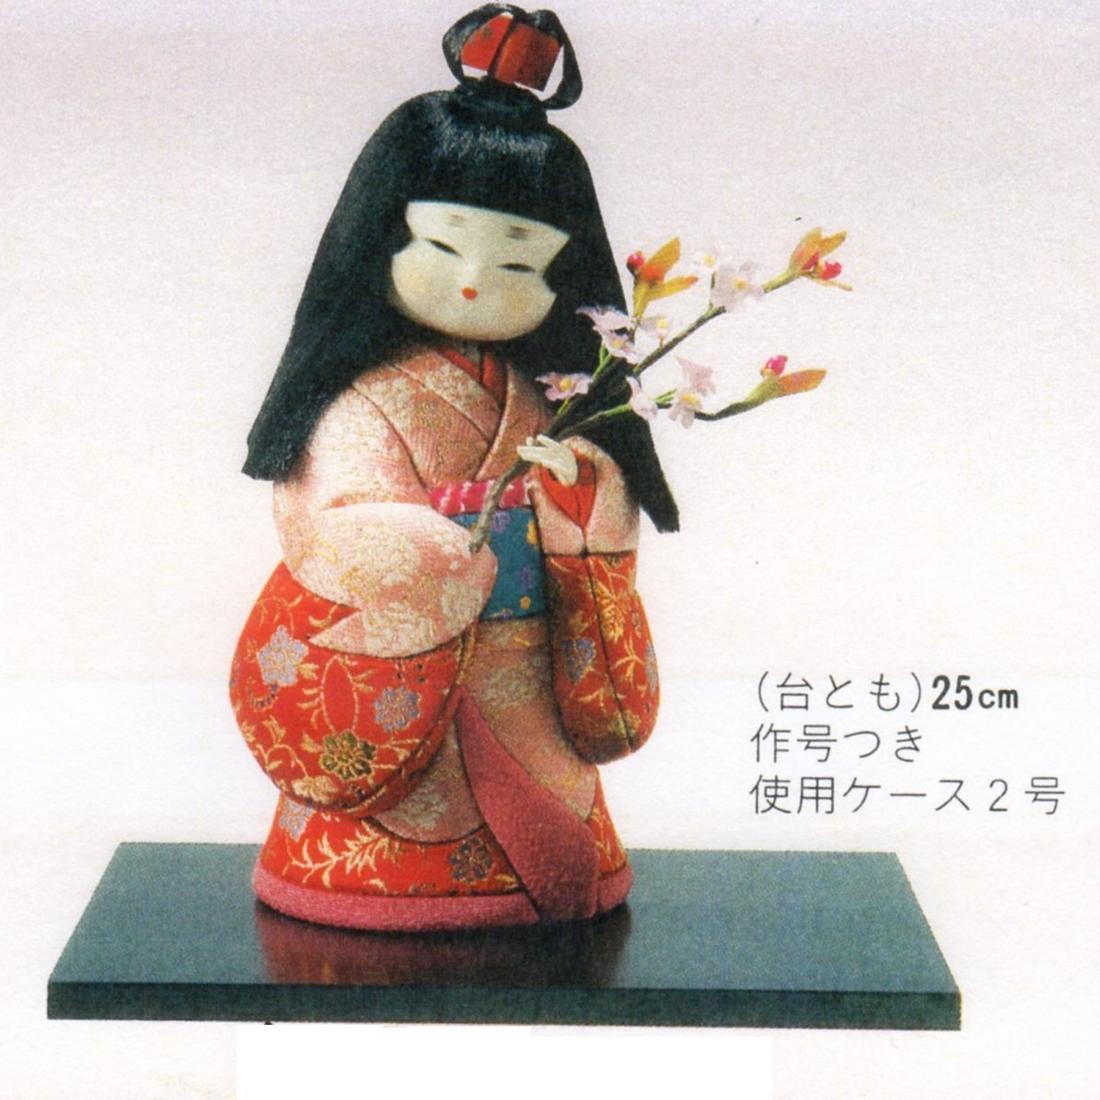 東芸 木目込人形キット「童女・花だより」 K115-02